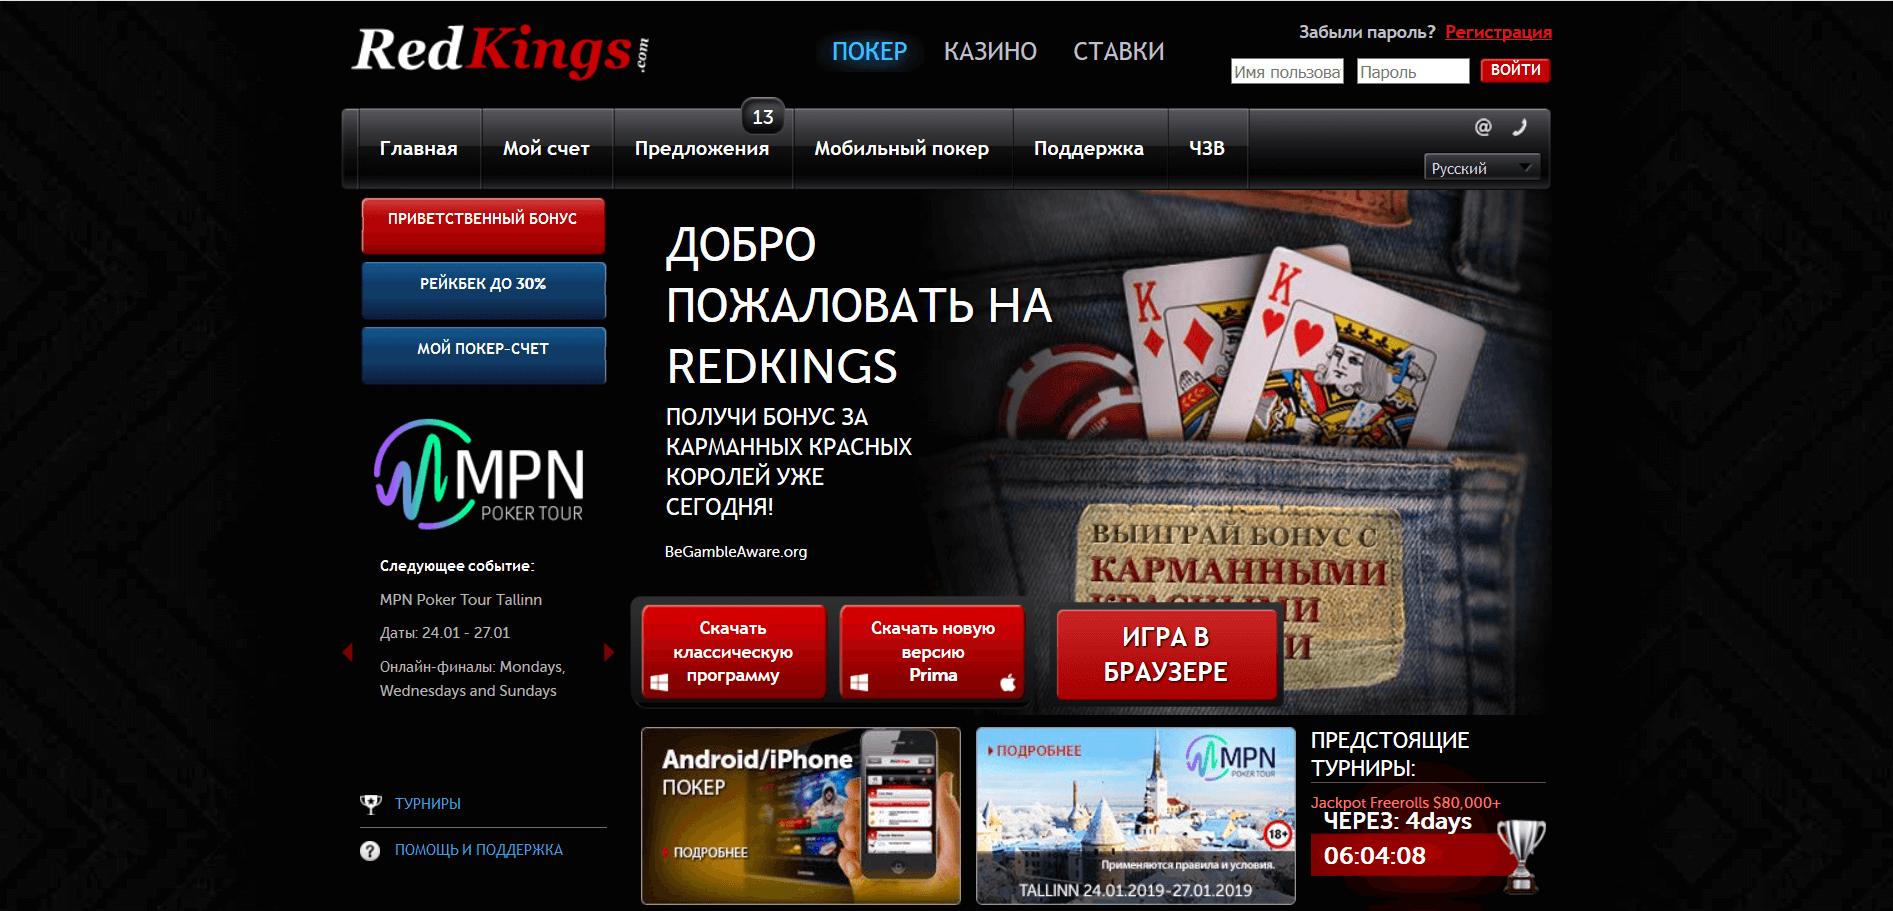 redkings официальный сайт